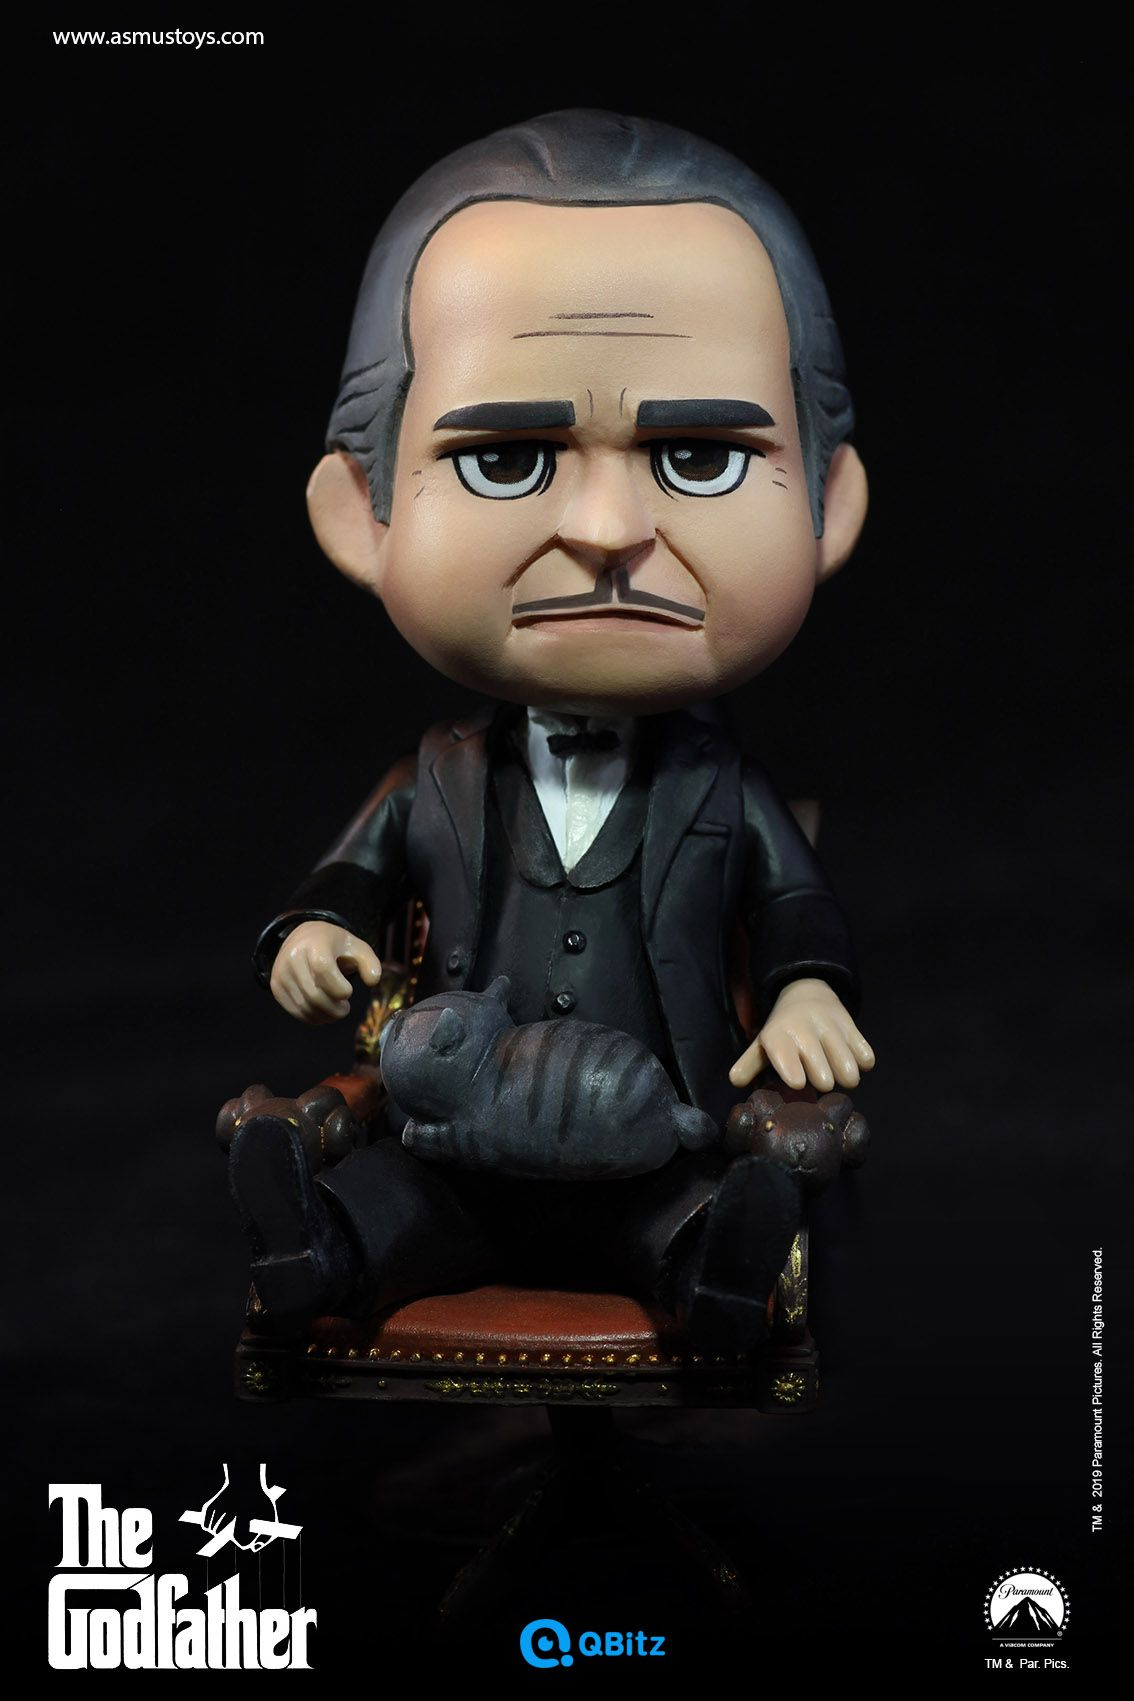 PRÉ VENDA: Action Figure Vito Corleone (QBitz): O Poderoso Chefão (The Godfather) - Asmus Toys